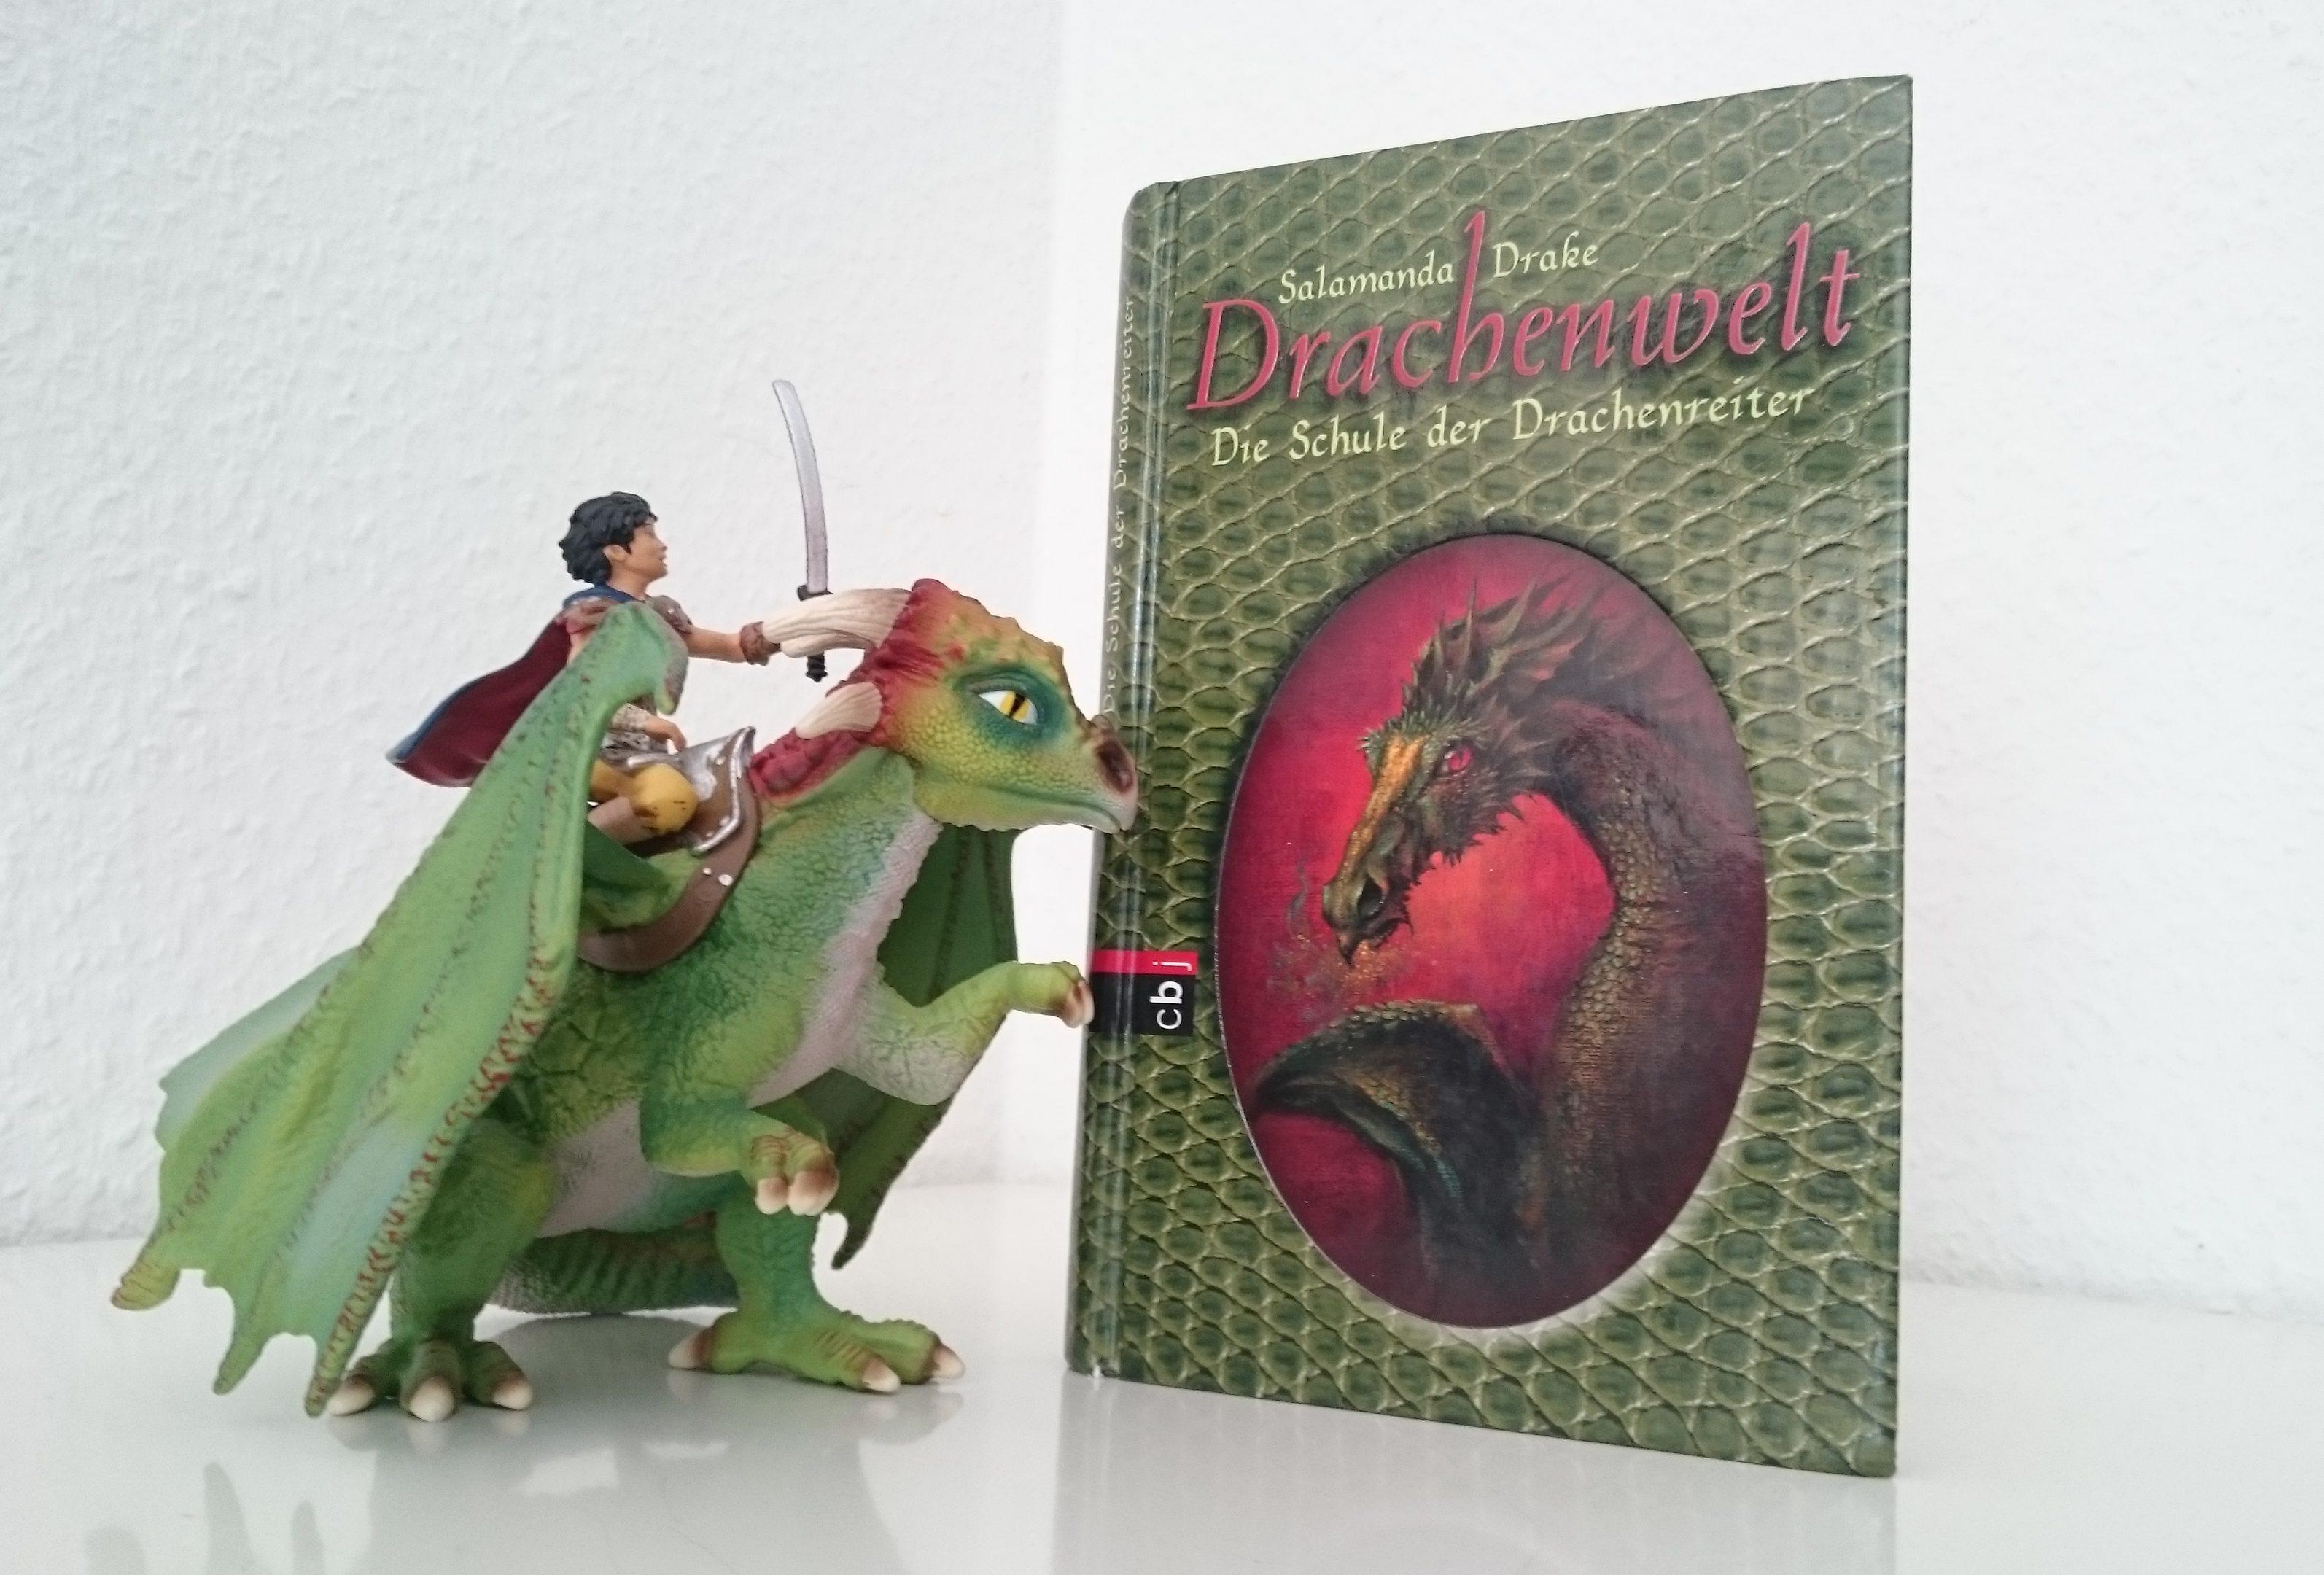 Drachenwelt - Die Schule der Drachenreiter - Salamanda Drake